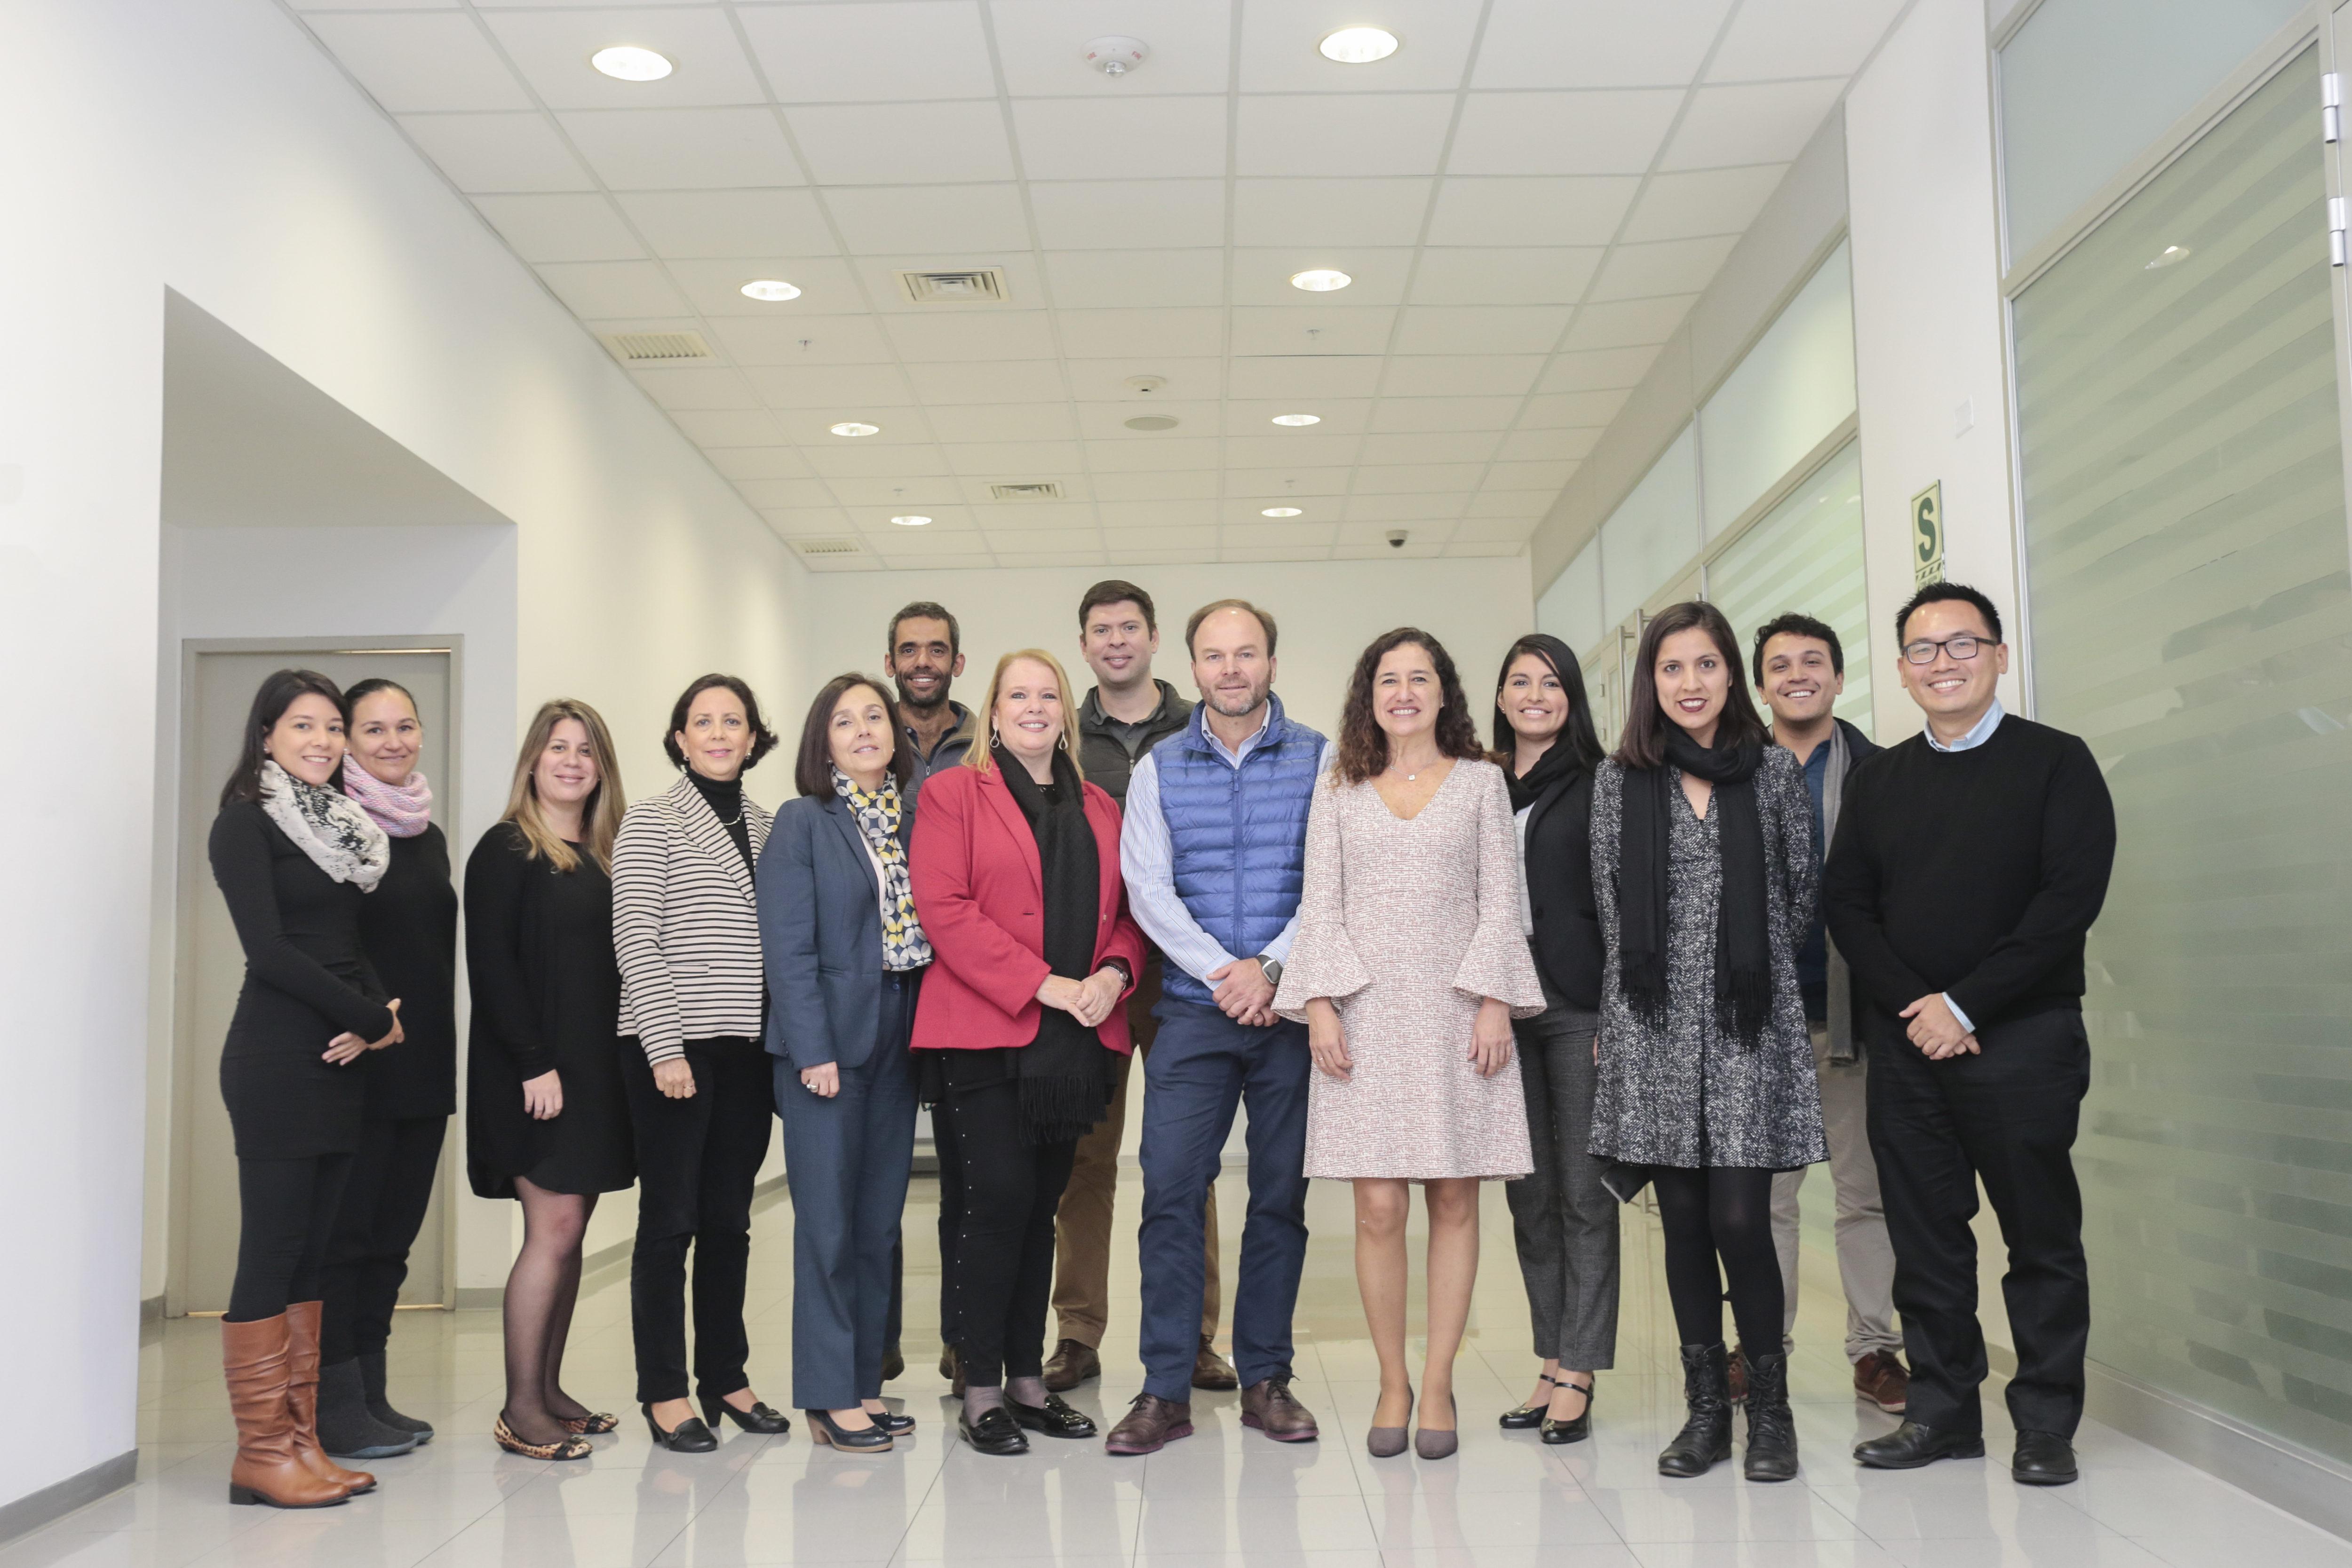 Hotelería y Turismo PUCP: Primera sesión del Consejo Consultivo